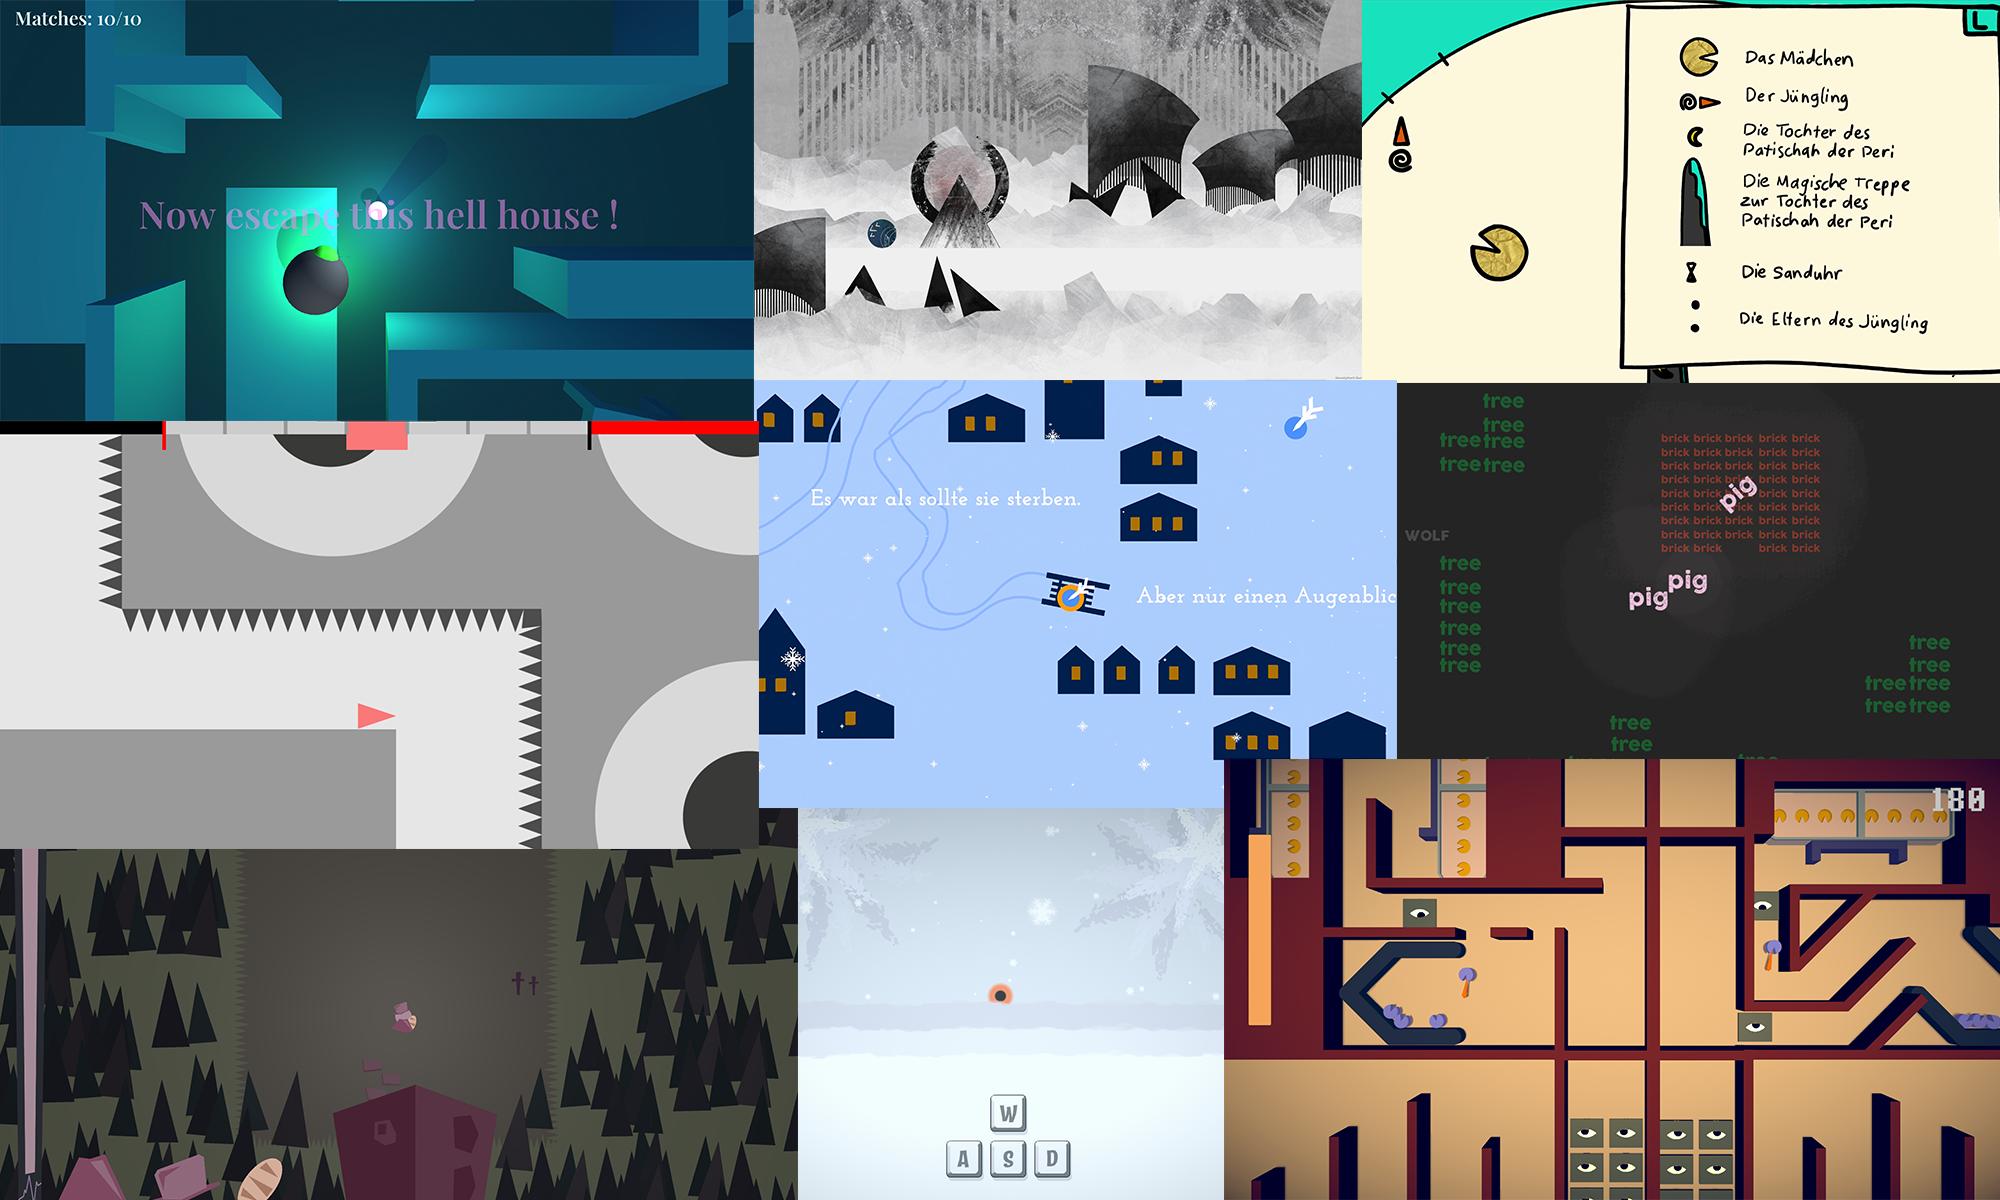 LavaterGames - Spiel mit Zeichen - ZHdK GameDesign